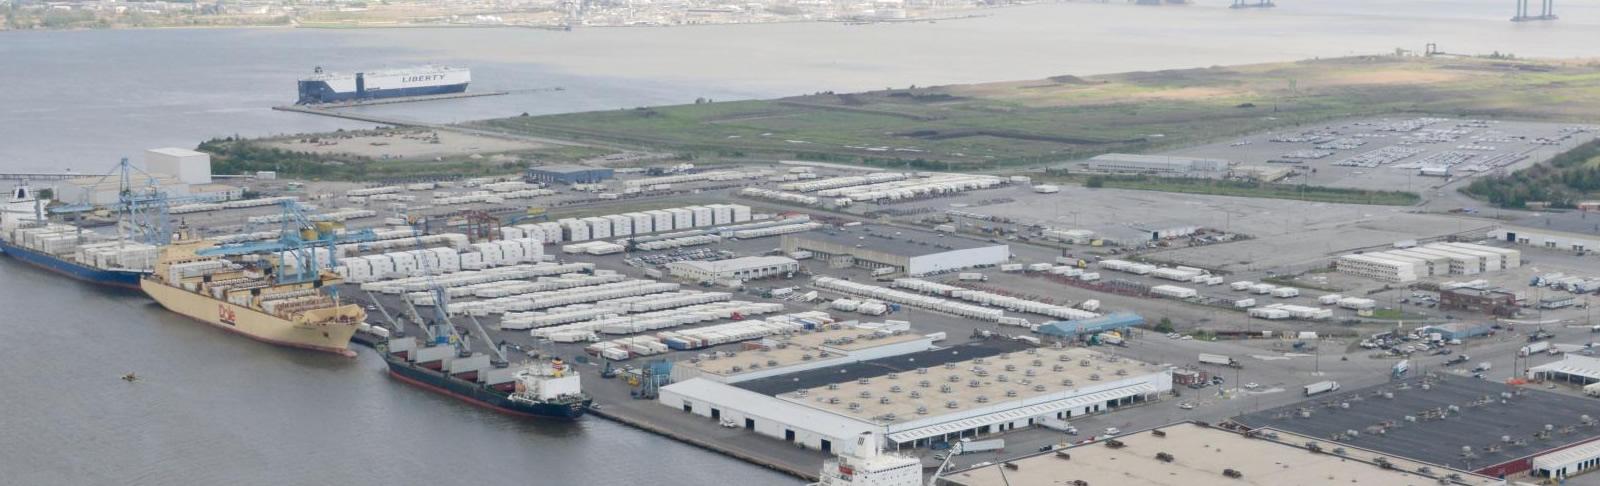 Delaware Port Hitech Freight